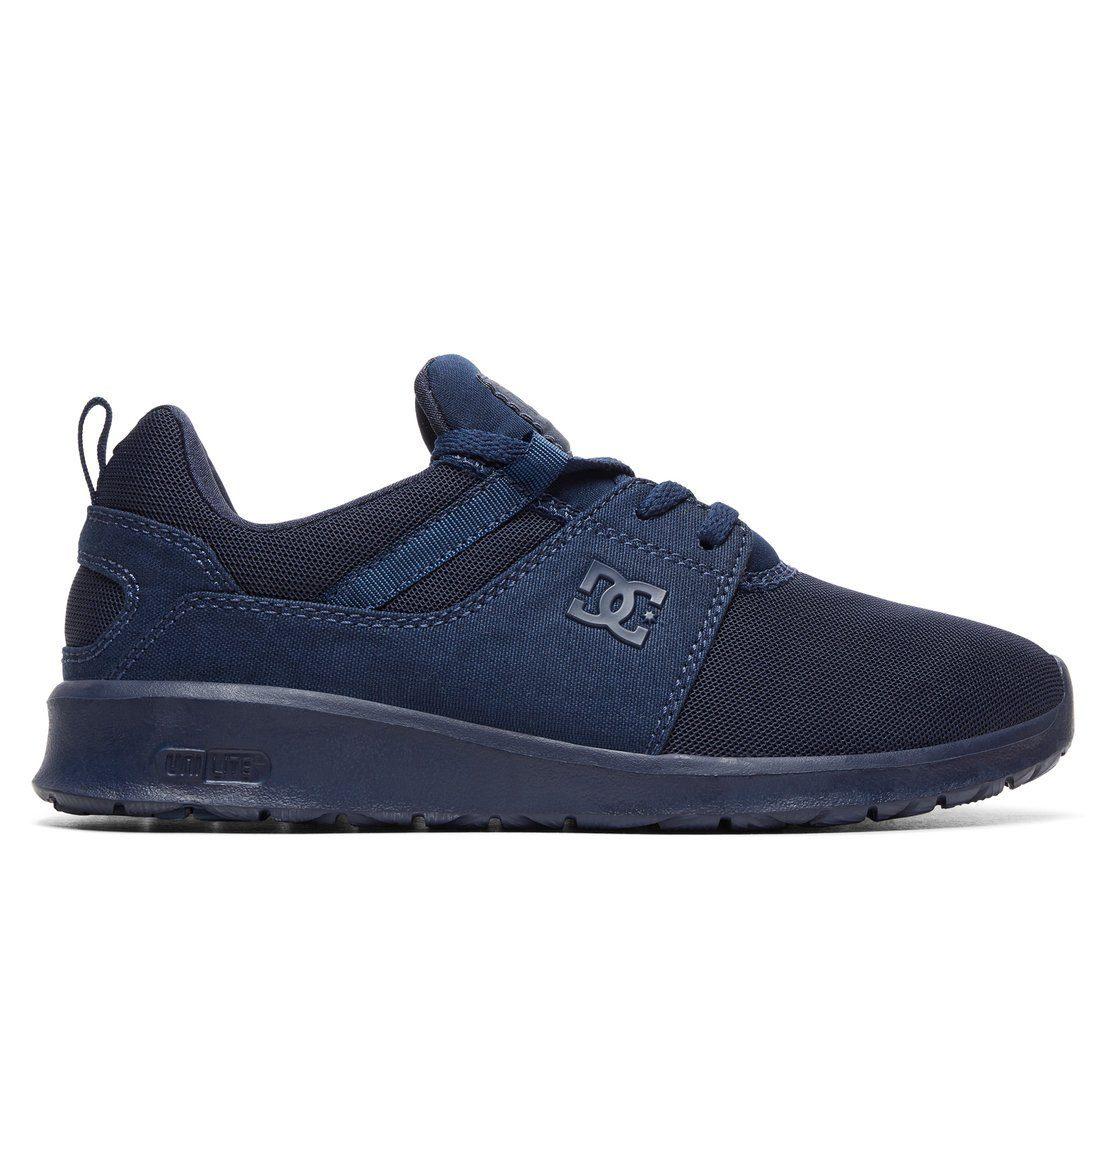 DC Shoes Schuhe Heathrow online kaufen  Navy